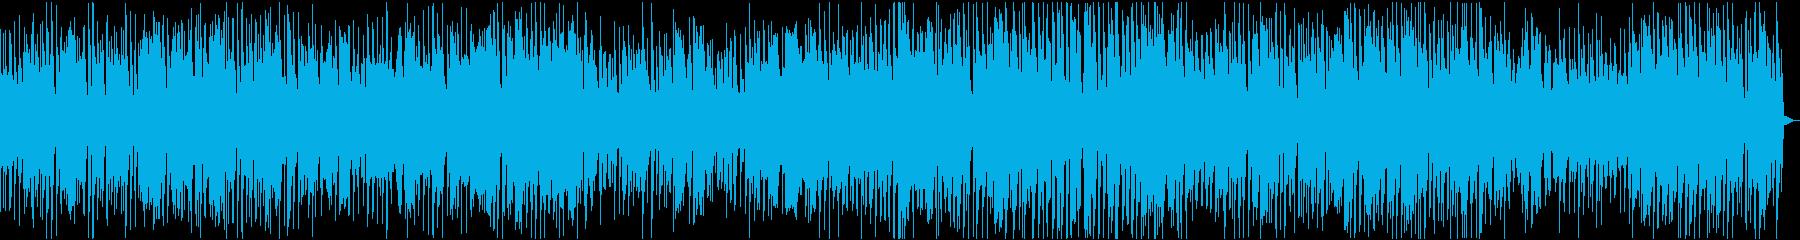 ゆったりとしたブルージーなジャズトラックの再生済みの波形